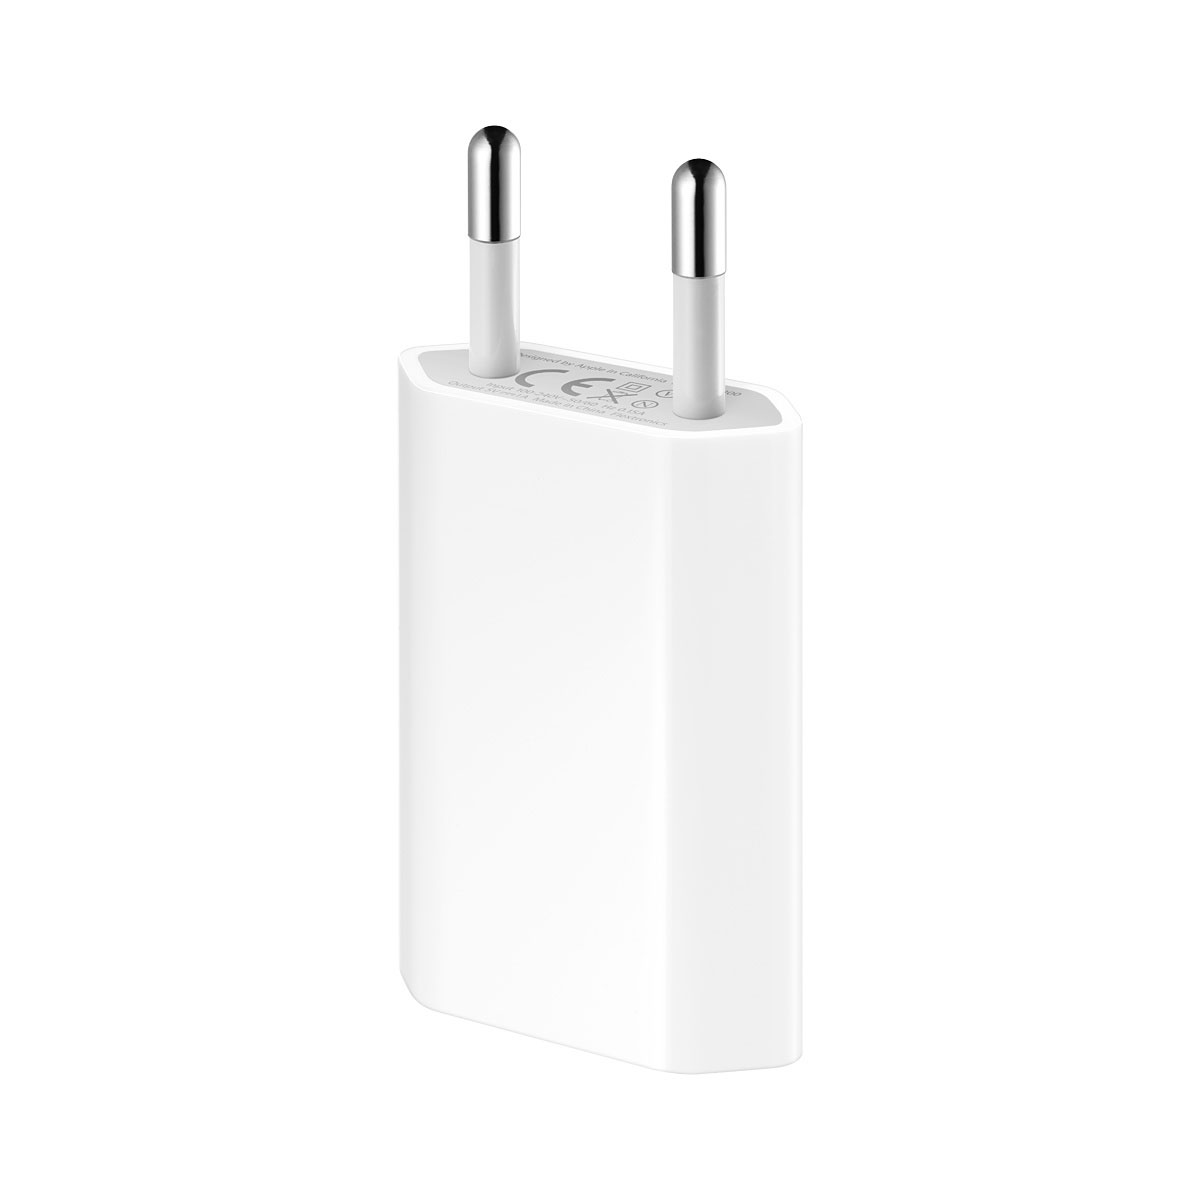 Адаптер сеть USB MRM-POWER 5V 1A белый (тех/упаковка)